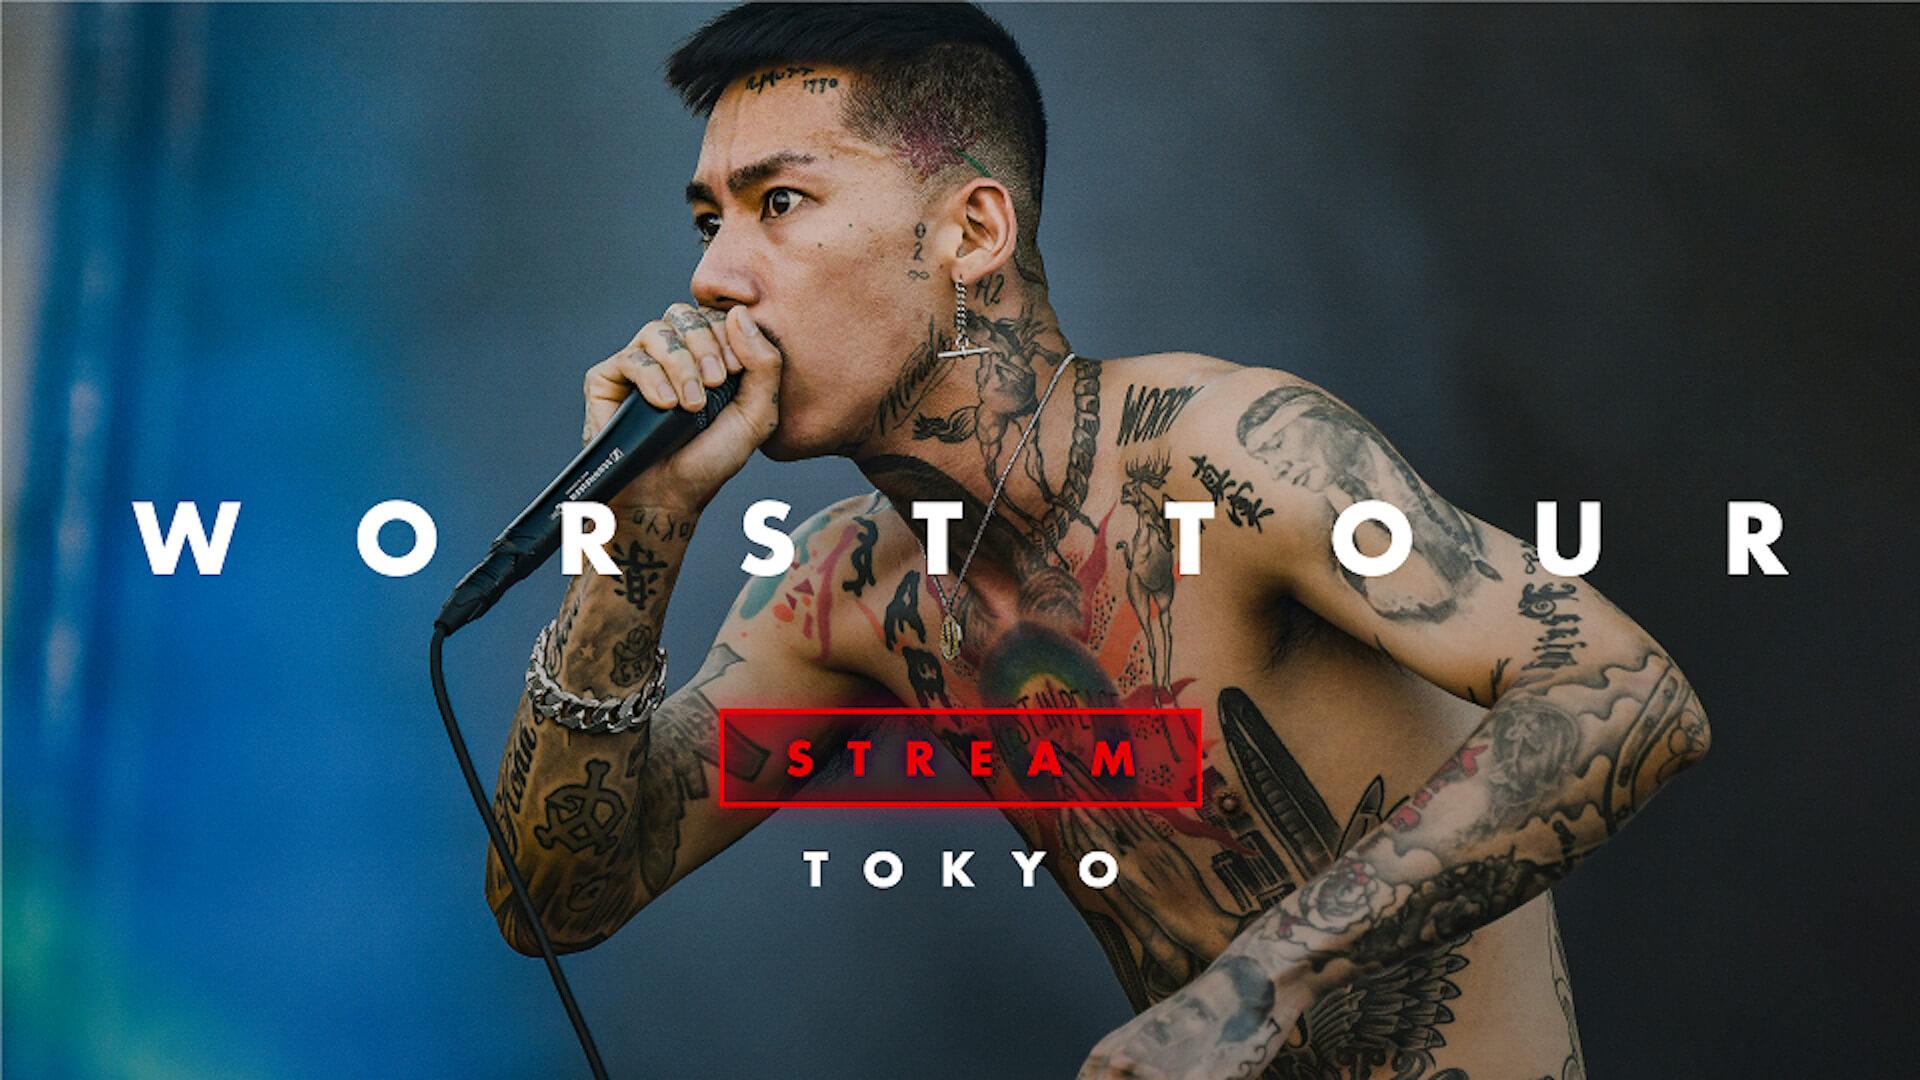 撮影禁止で話題のKOHH<WORST TOUR>最終東京公演のパフォーマンス映像が有料配信決定!Tシャツ付視聴チケット販売開始 music210412_kohh_1